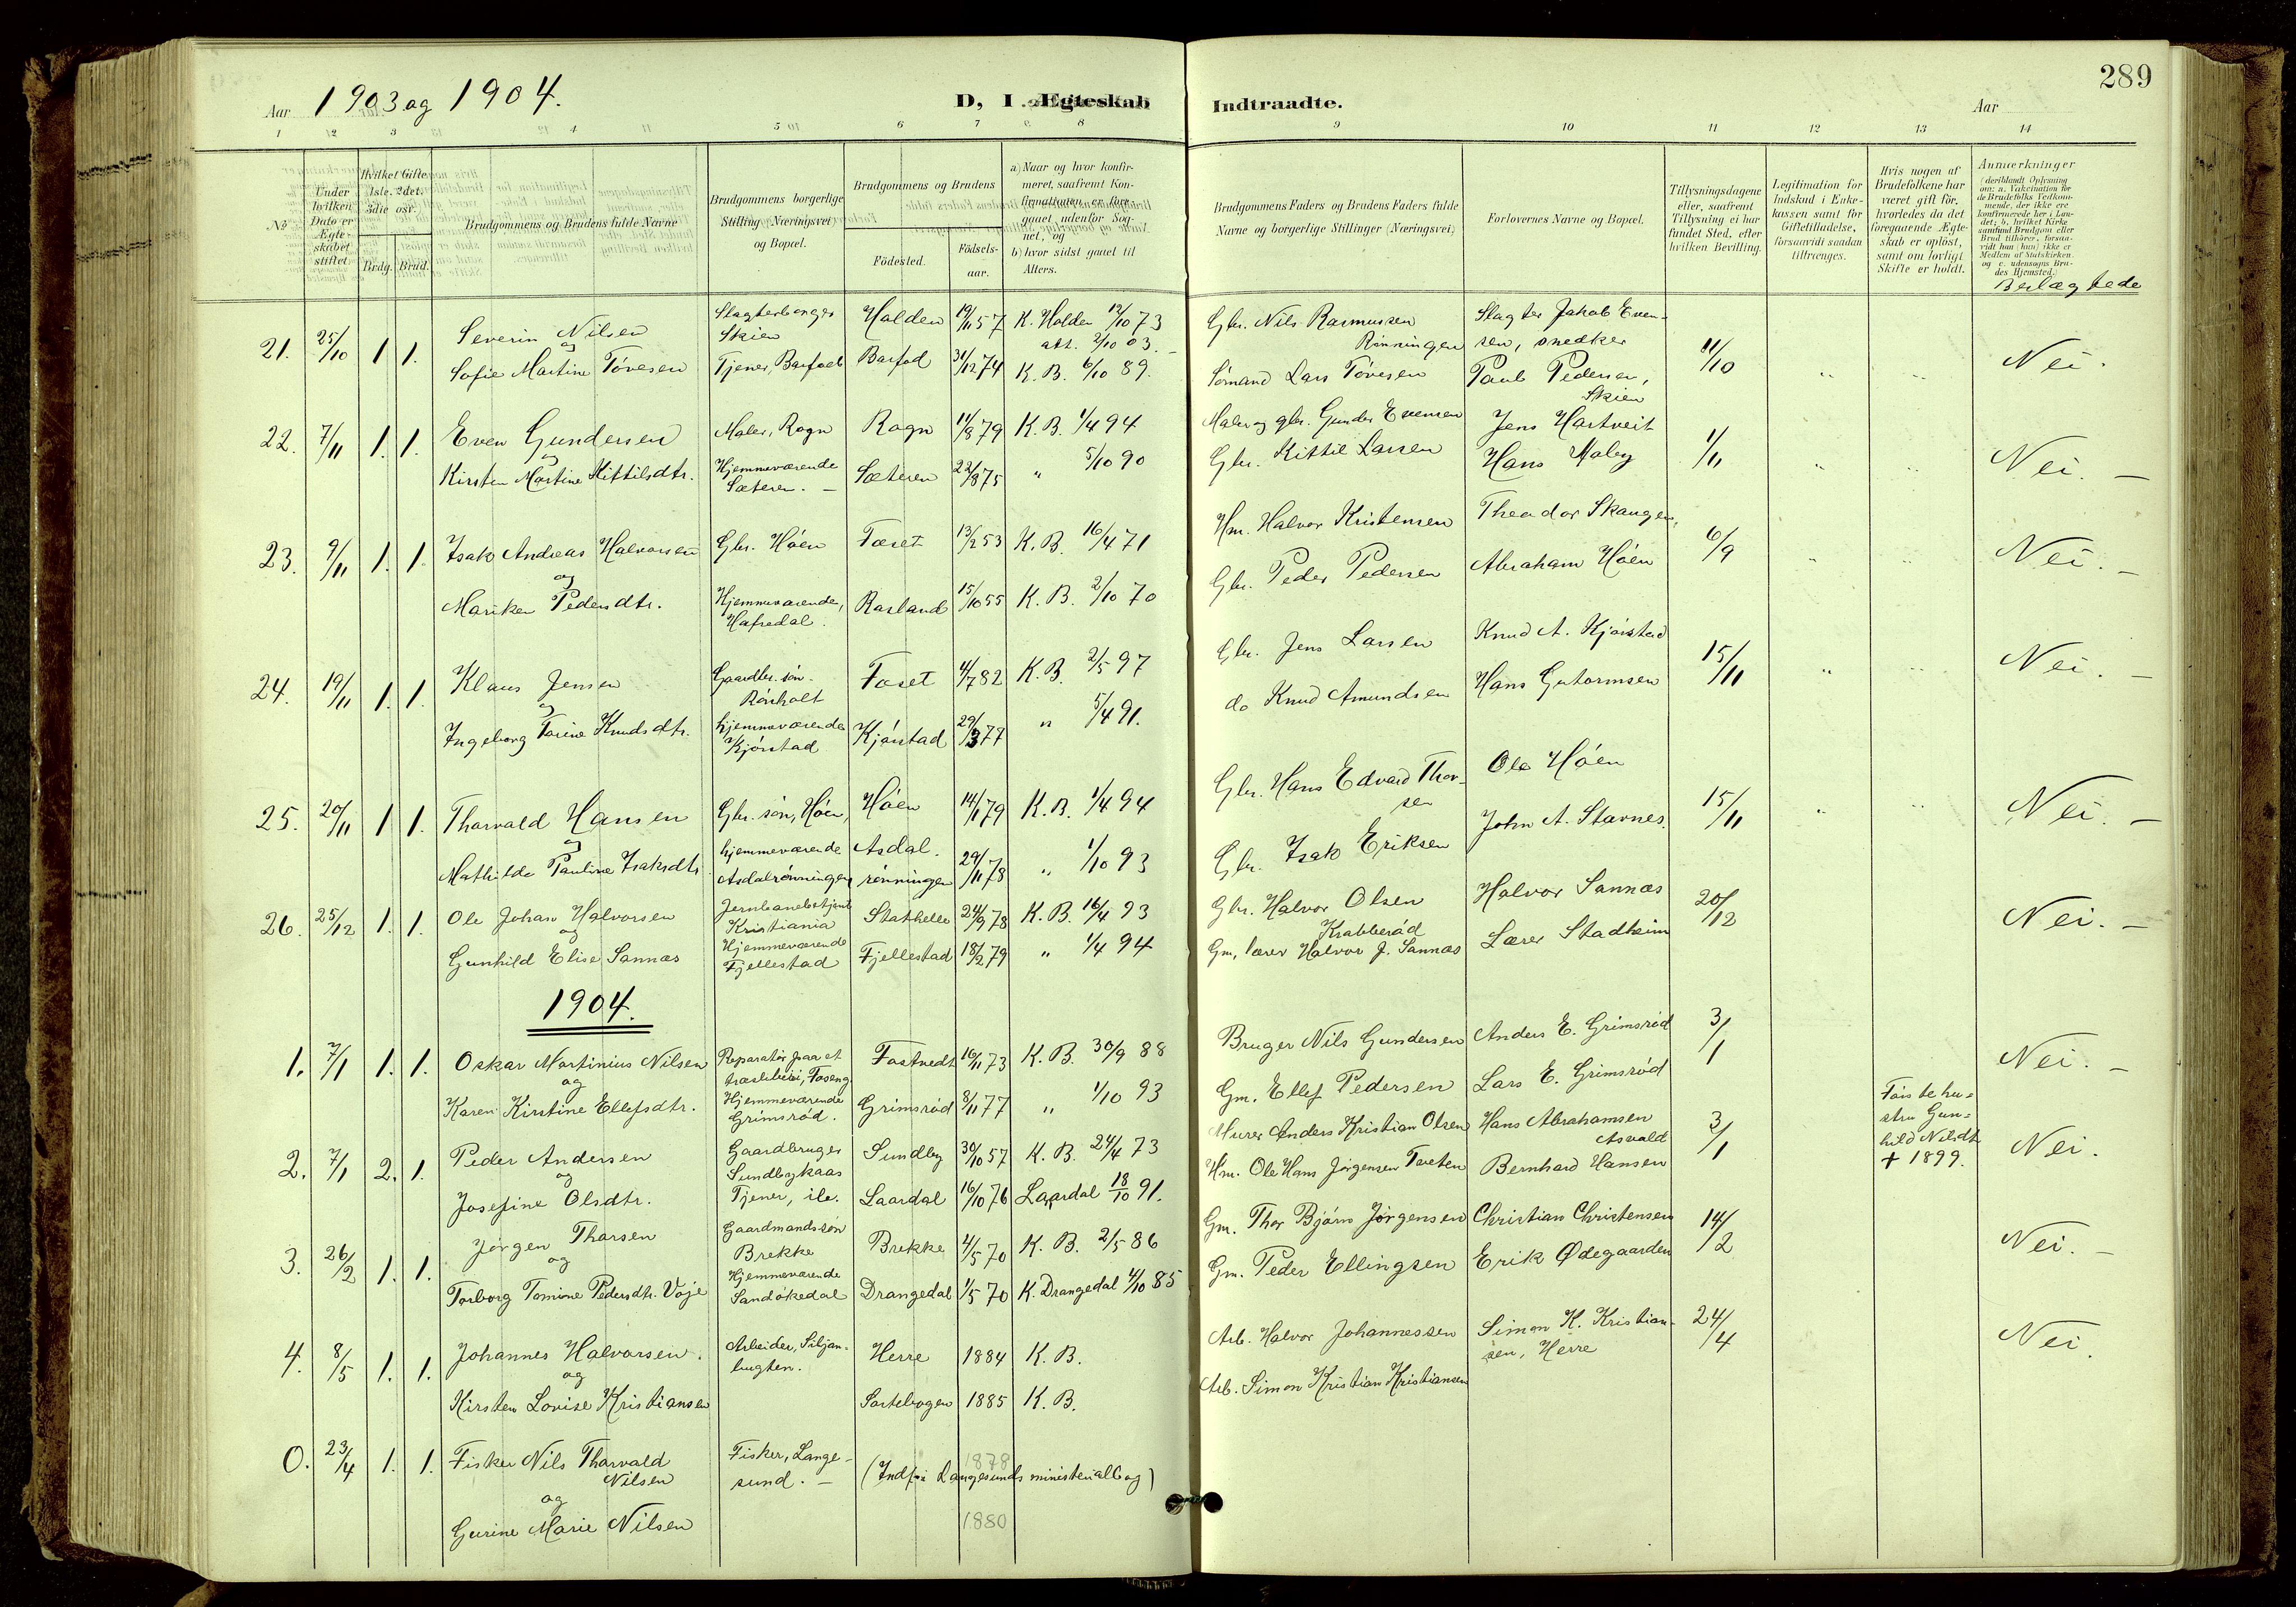 SAKO, Bamble kirkebøker, G/Ga/L0010: Klokkerbok nr. I 10, 1901-1919, s. 289